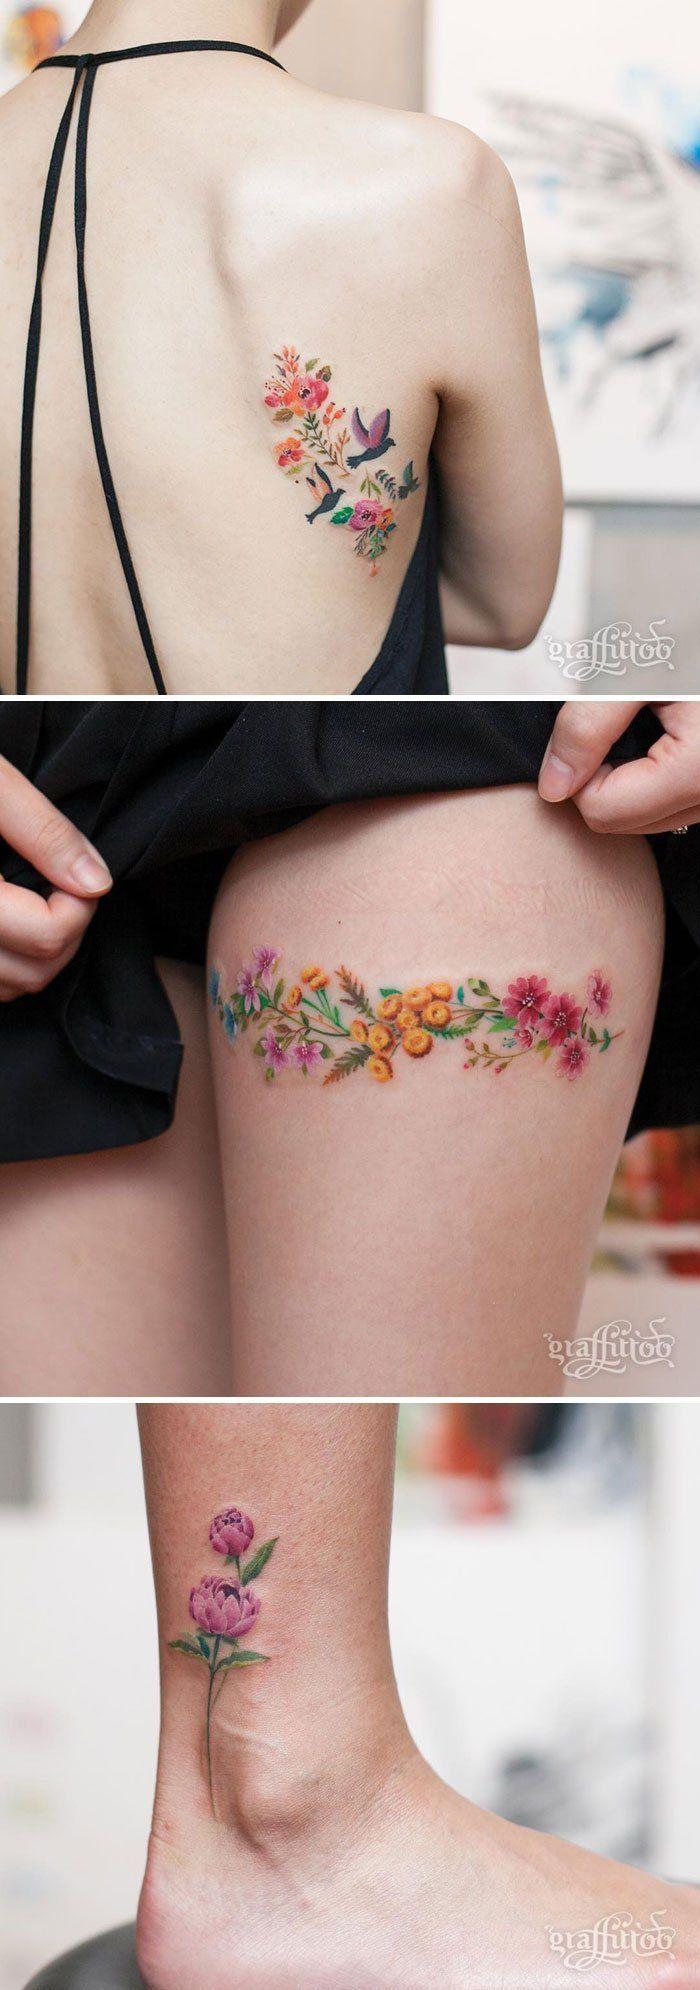 Kadınlar için 15 farklı çiçek desenli dövme modeli / Mehtap Kaya #kadınlariçindövmeler